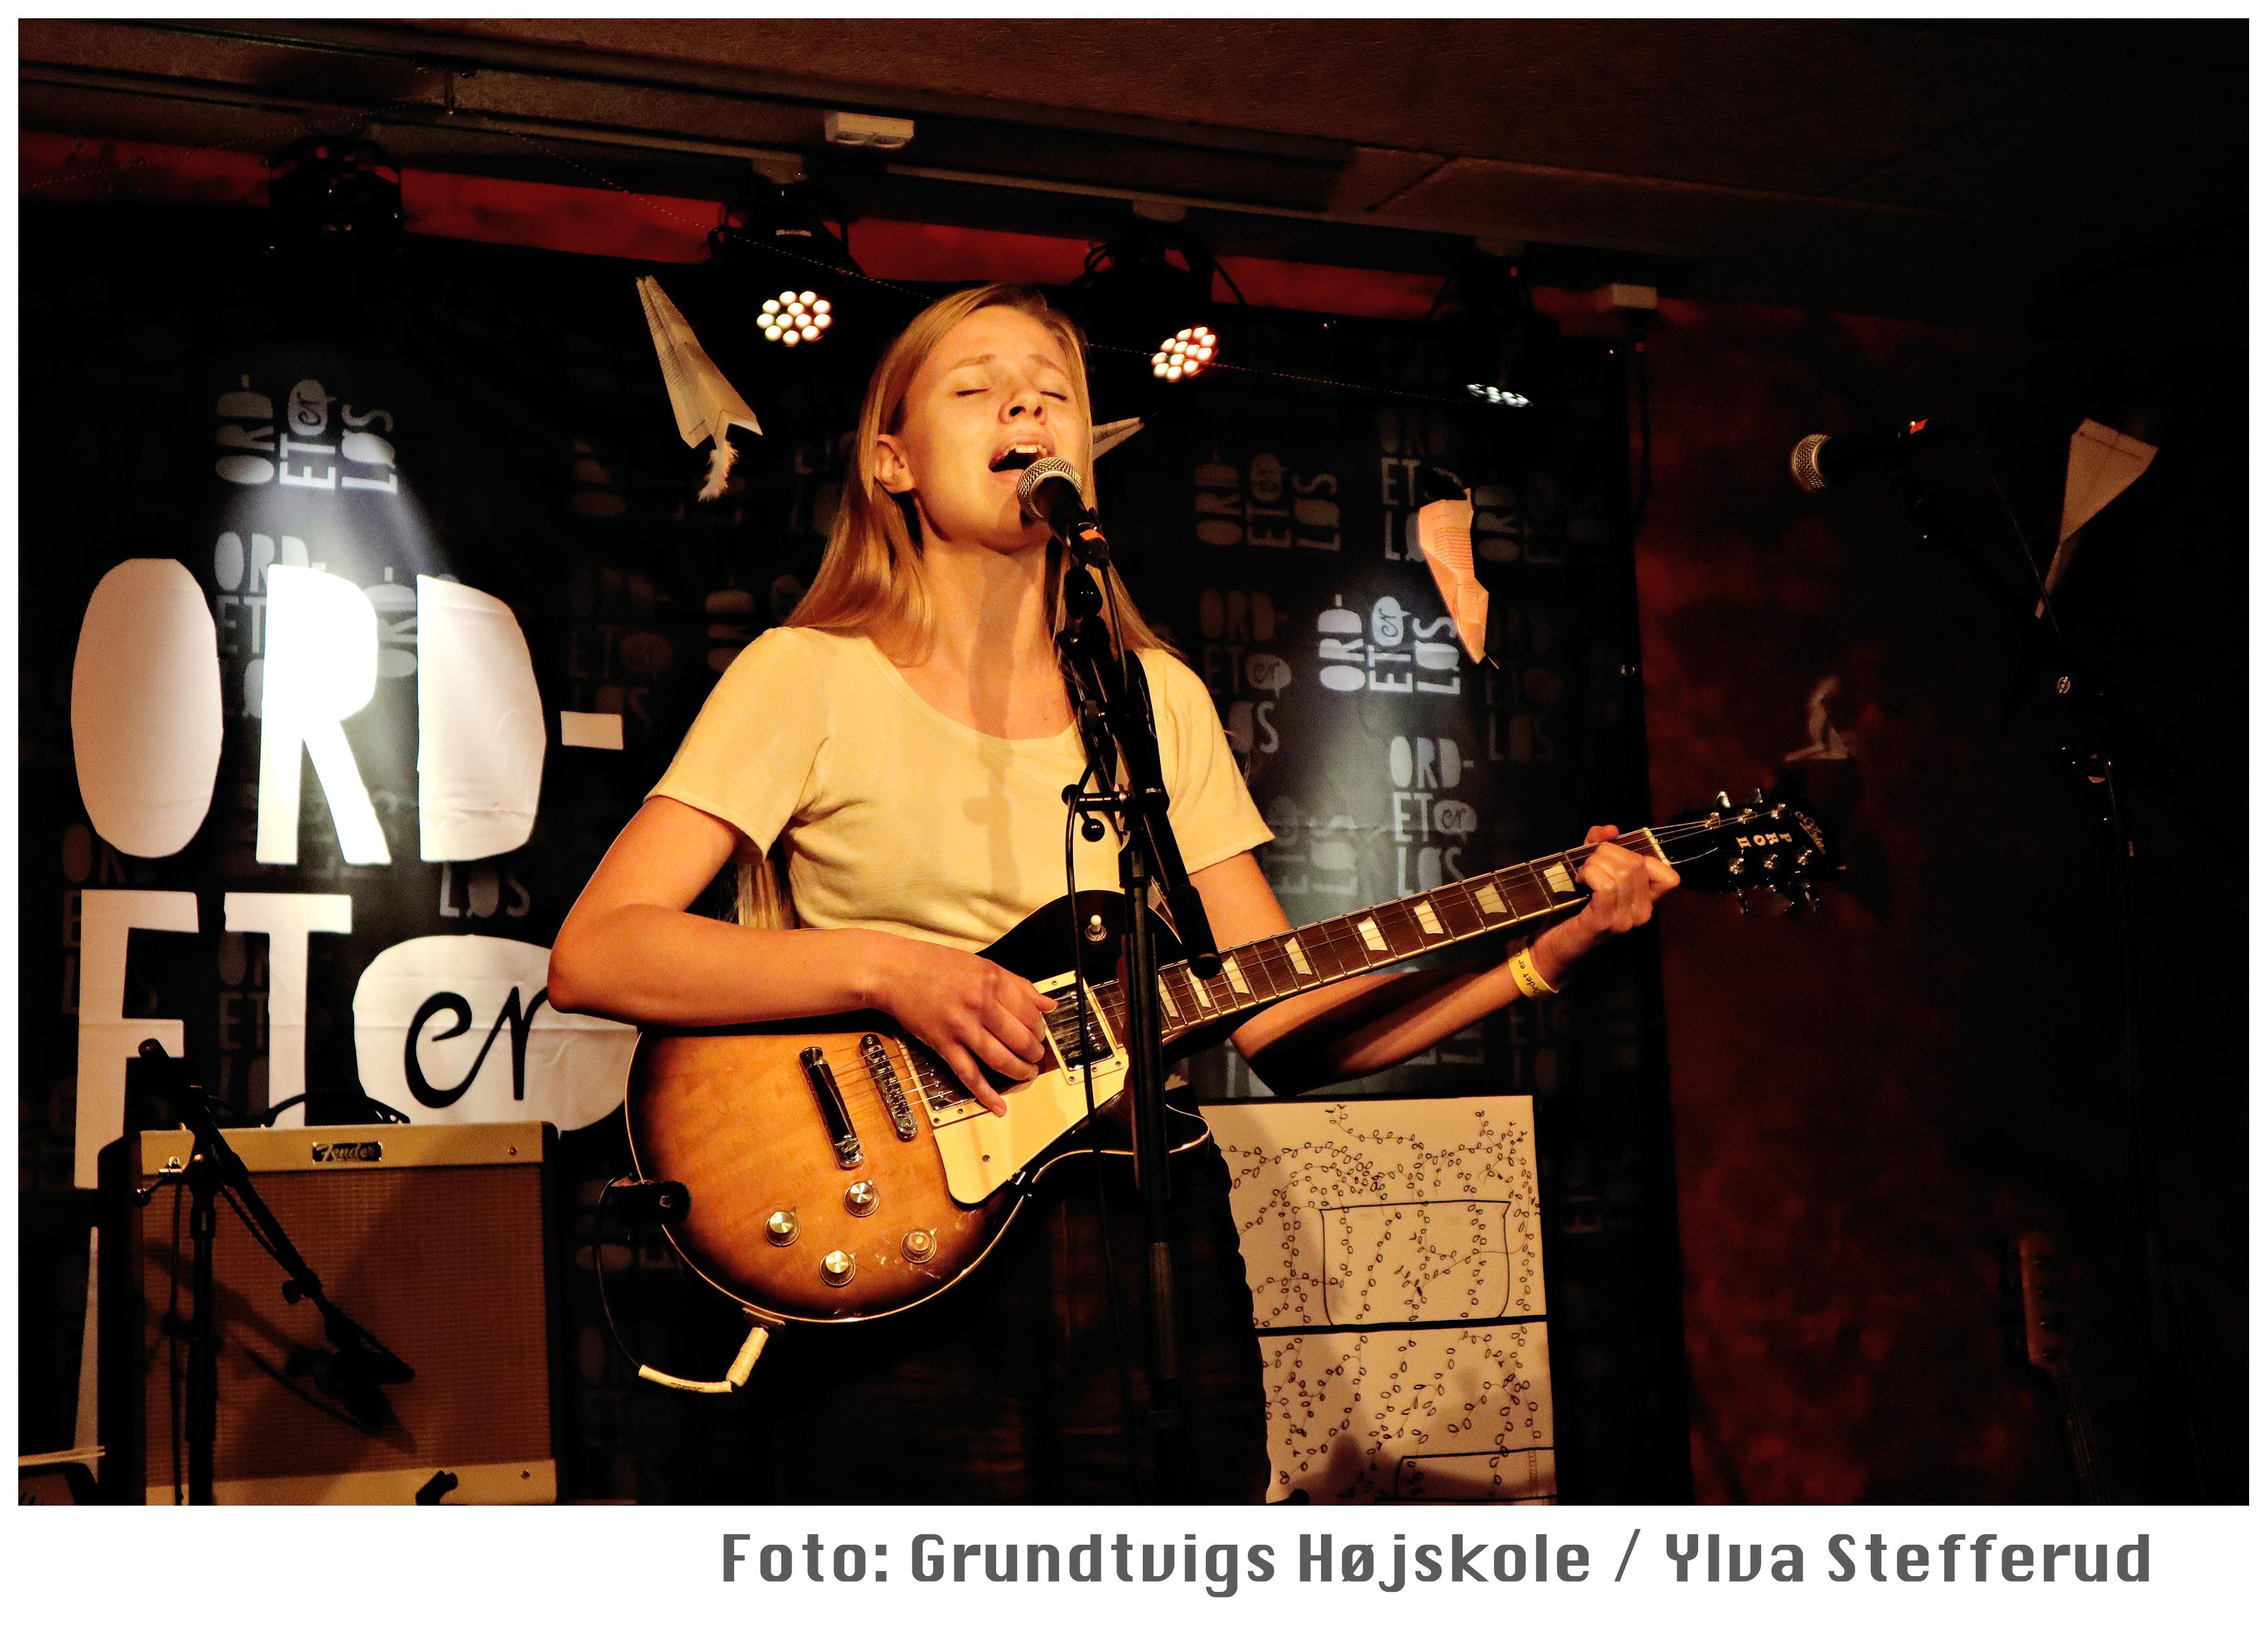 Sangskriver_Ordet er Løs 2019_foto, Ylva Stefferud